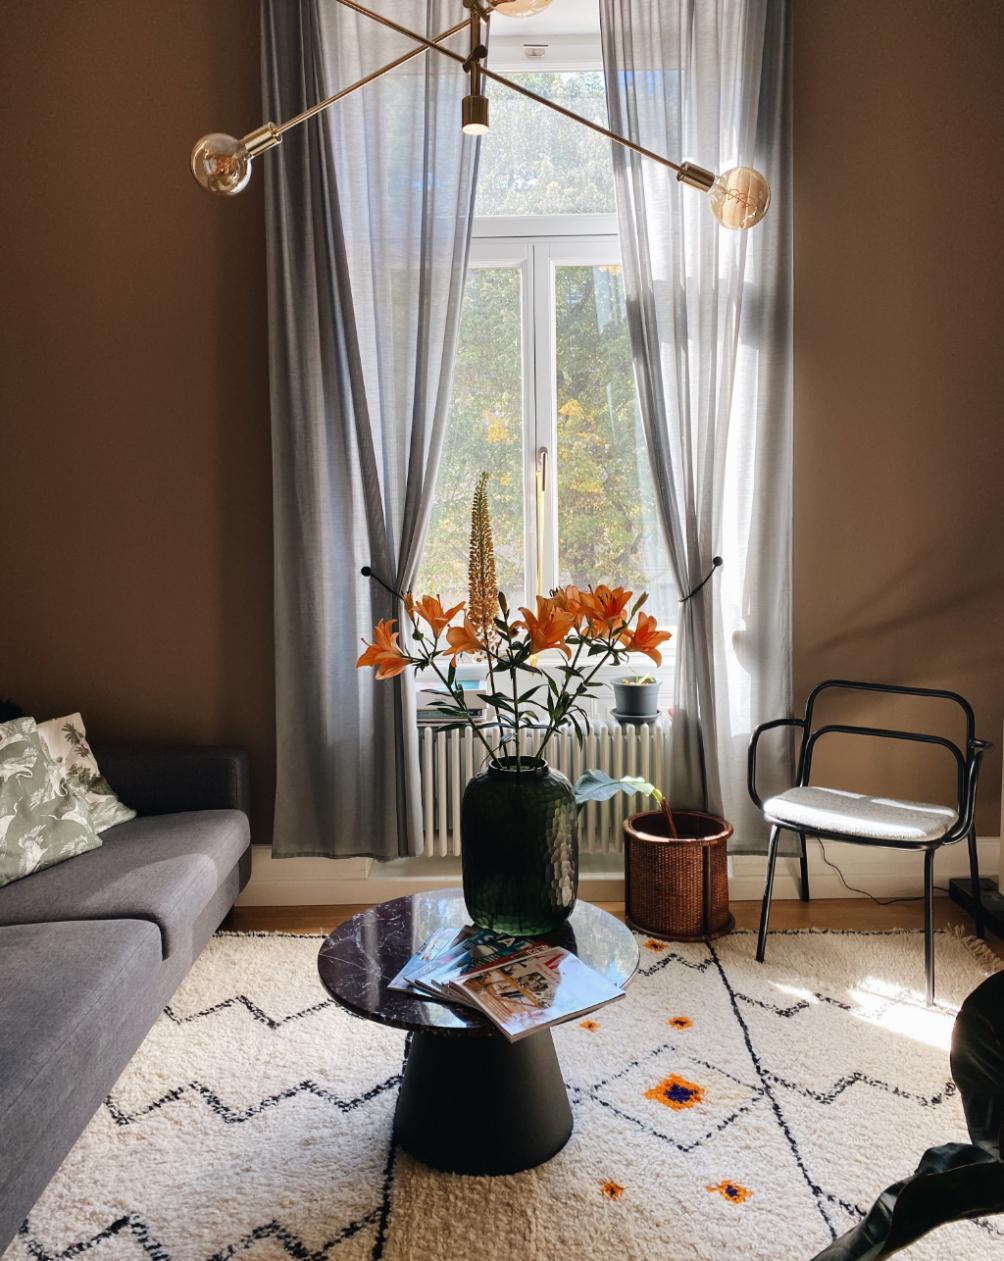 Homestories - Bei Lesern Zuhause - Christopher liebt es, zu experimentieren - einfach desmondo.de